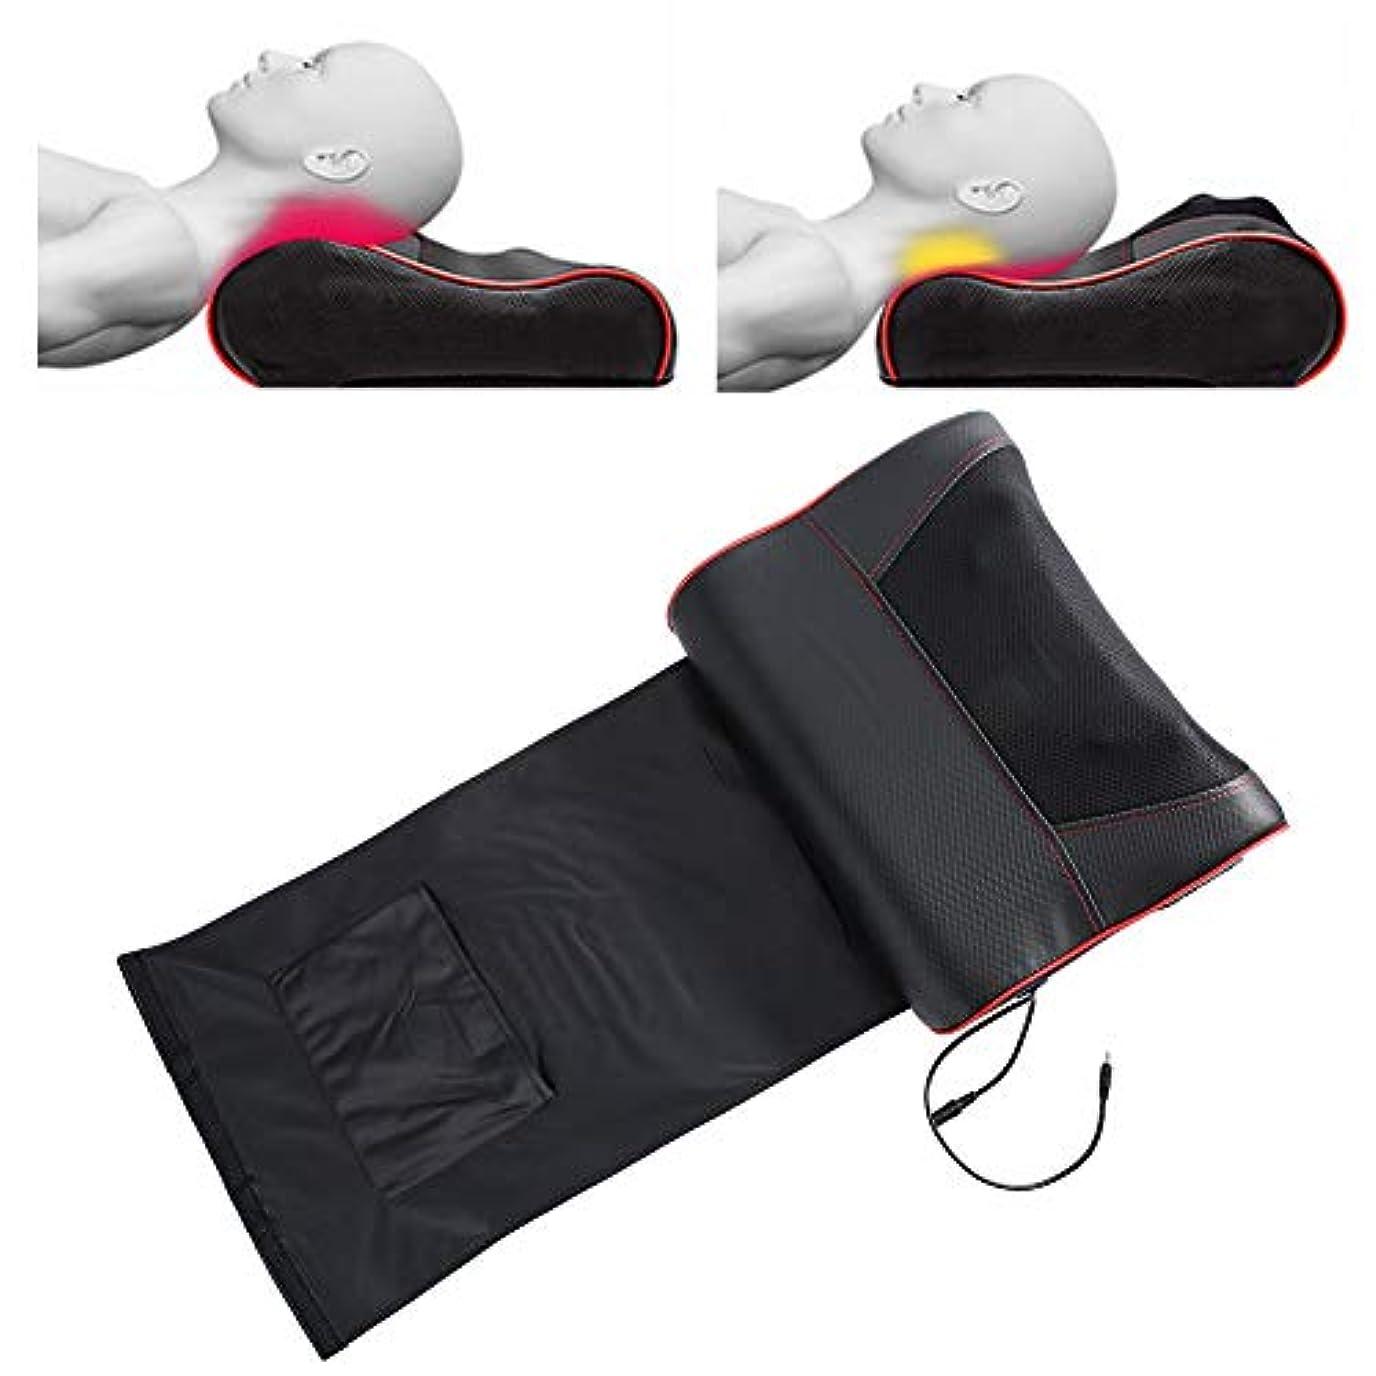 ボウル差別化するのために頸部マッサージ枕、多機能マッサージ枕、灸ホットコンプレックスネックウエストショルダーマッサージ用全身筋肉痛(US-Plug)